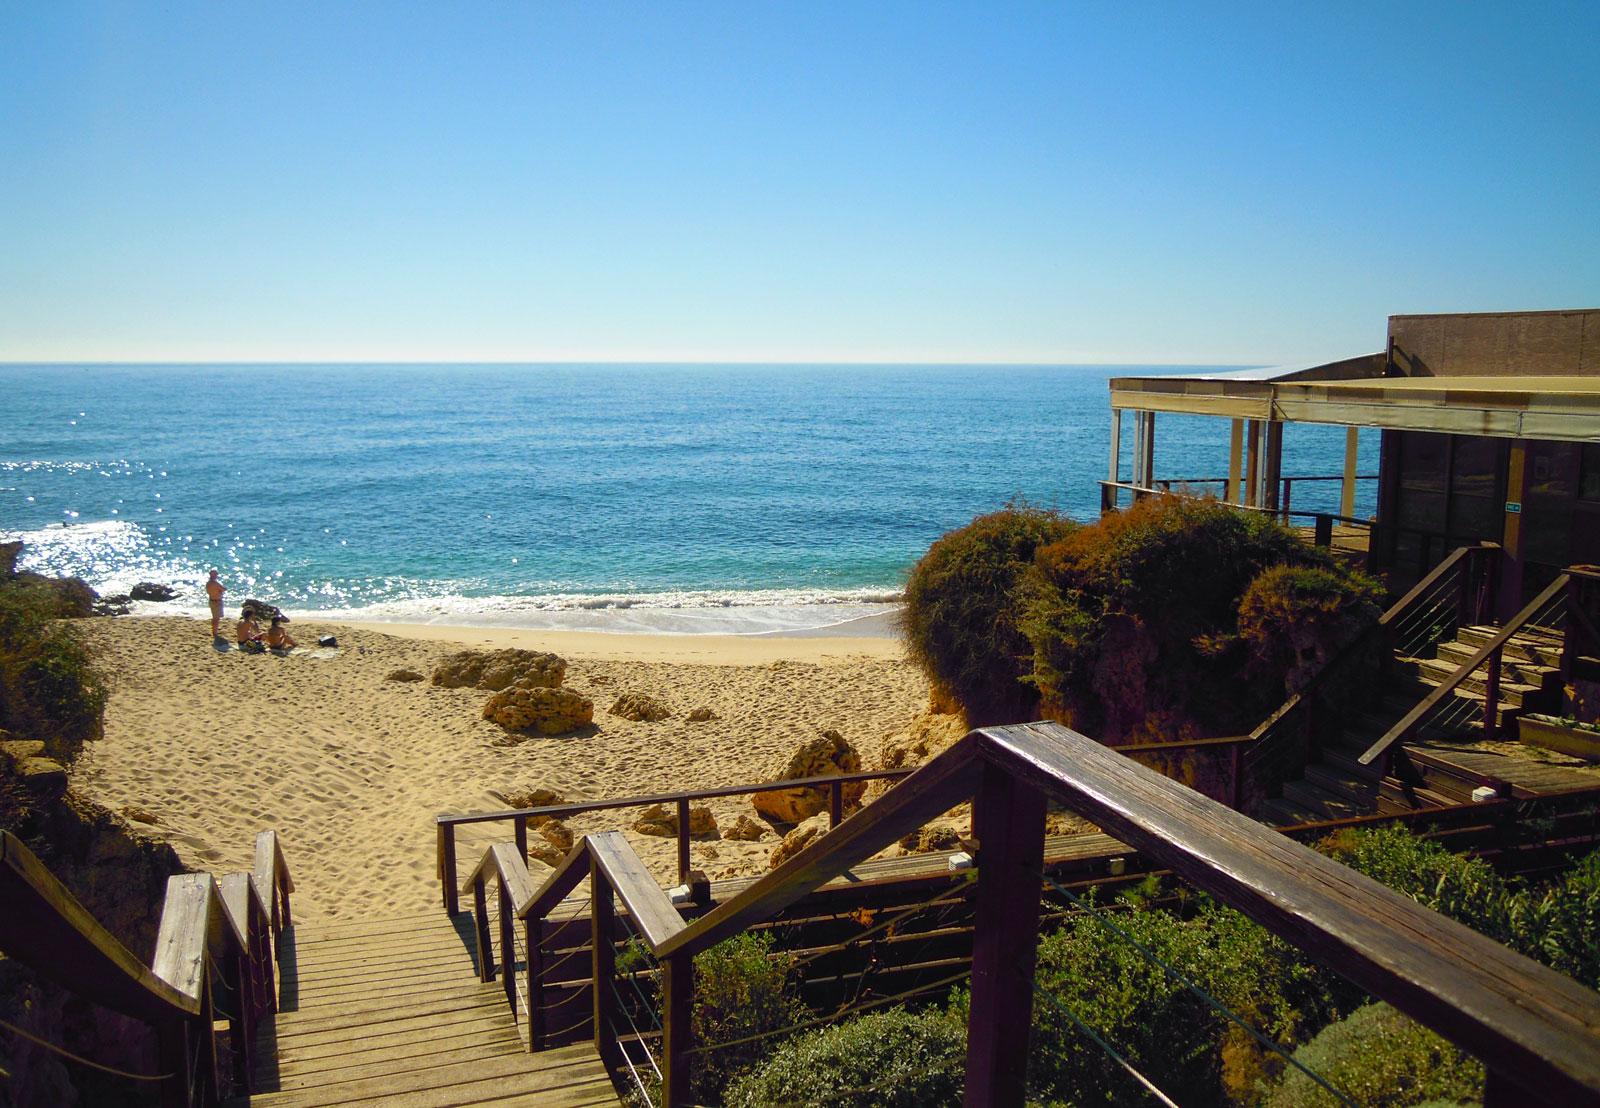 Praia Da Coelha Albufeira The Algarve Beaches